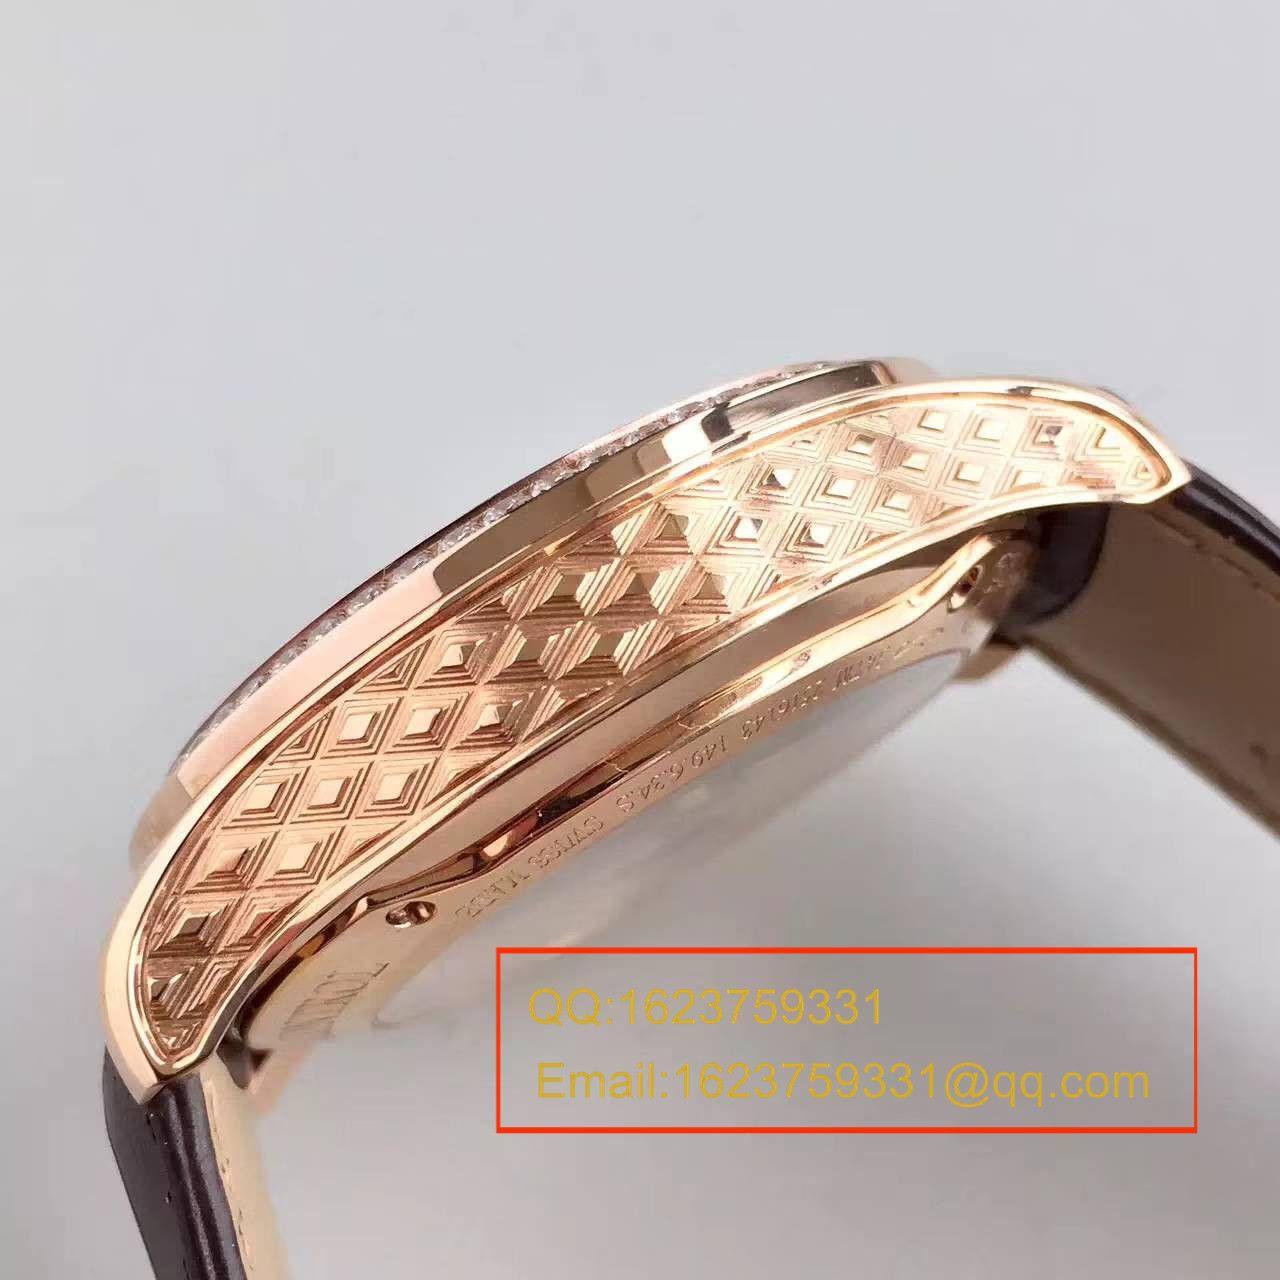 【TF厂一比一超A精仿手表】积家约会系列Q3412405陀飞轮腕表 / JJ080